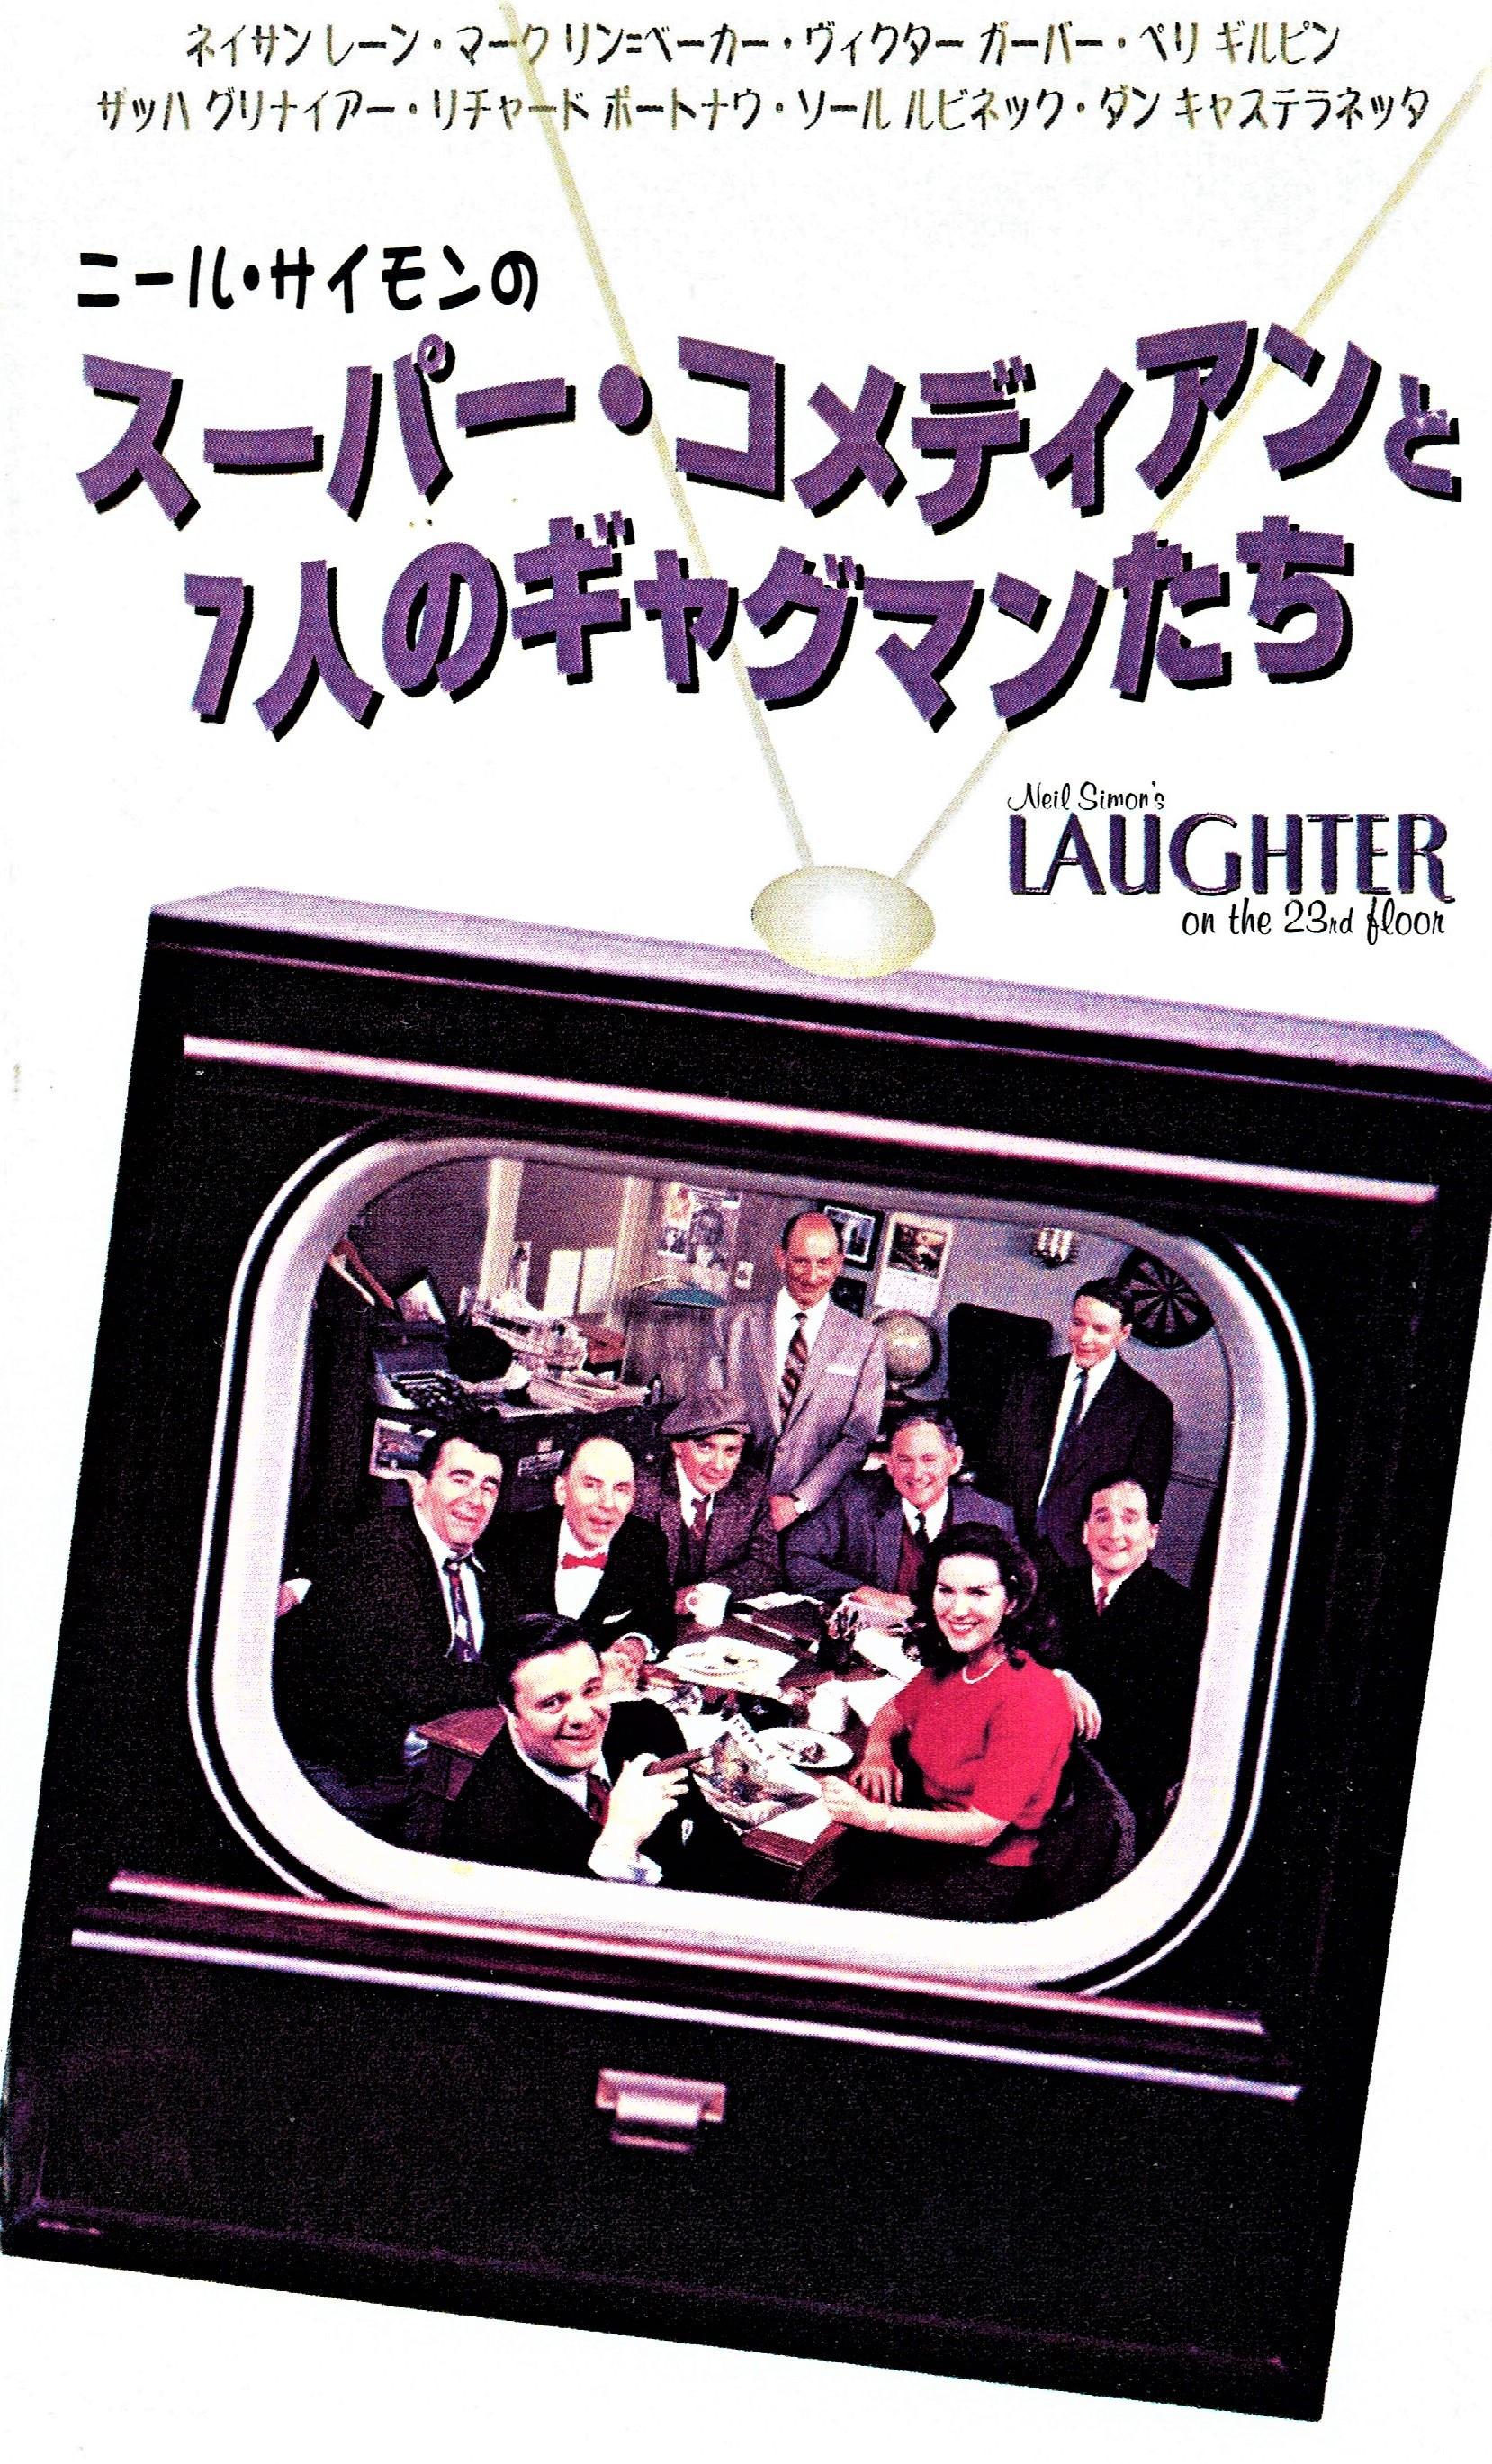 ネイサン・レインが再び主役を務めた、テレビ版『23階の笑い』(2001年)。日本では上記の長いタイトルでビデオ・リリースされたが、惜しくも未DVD化。